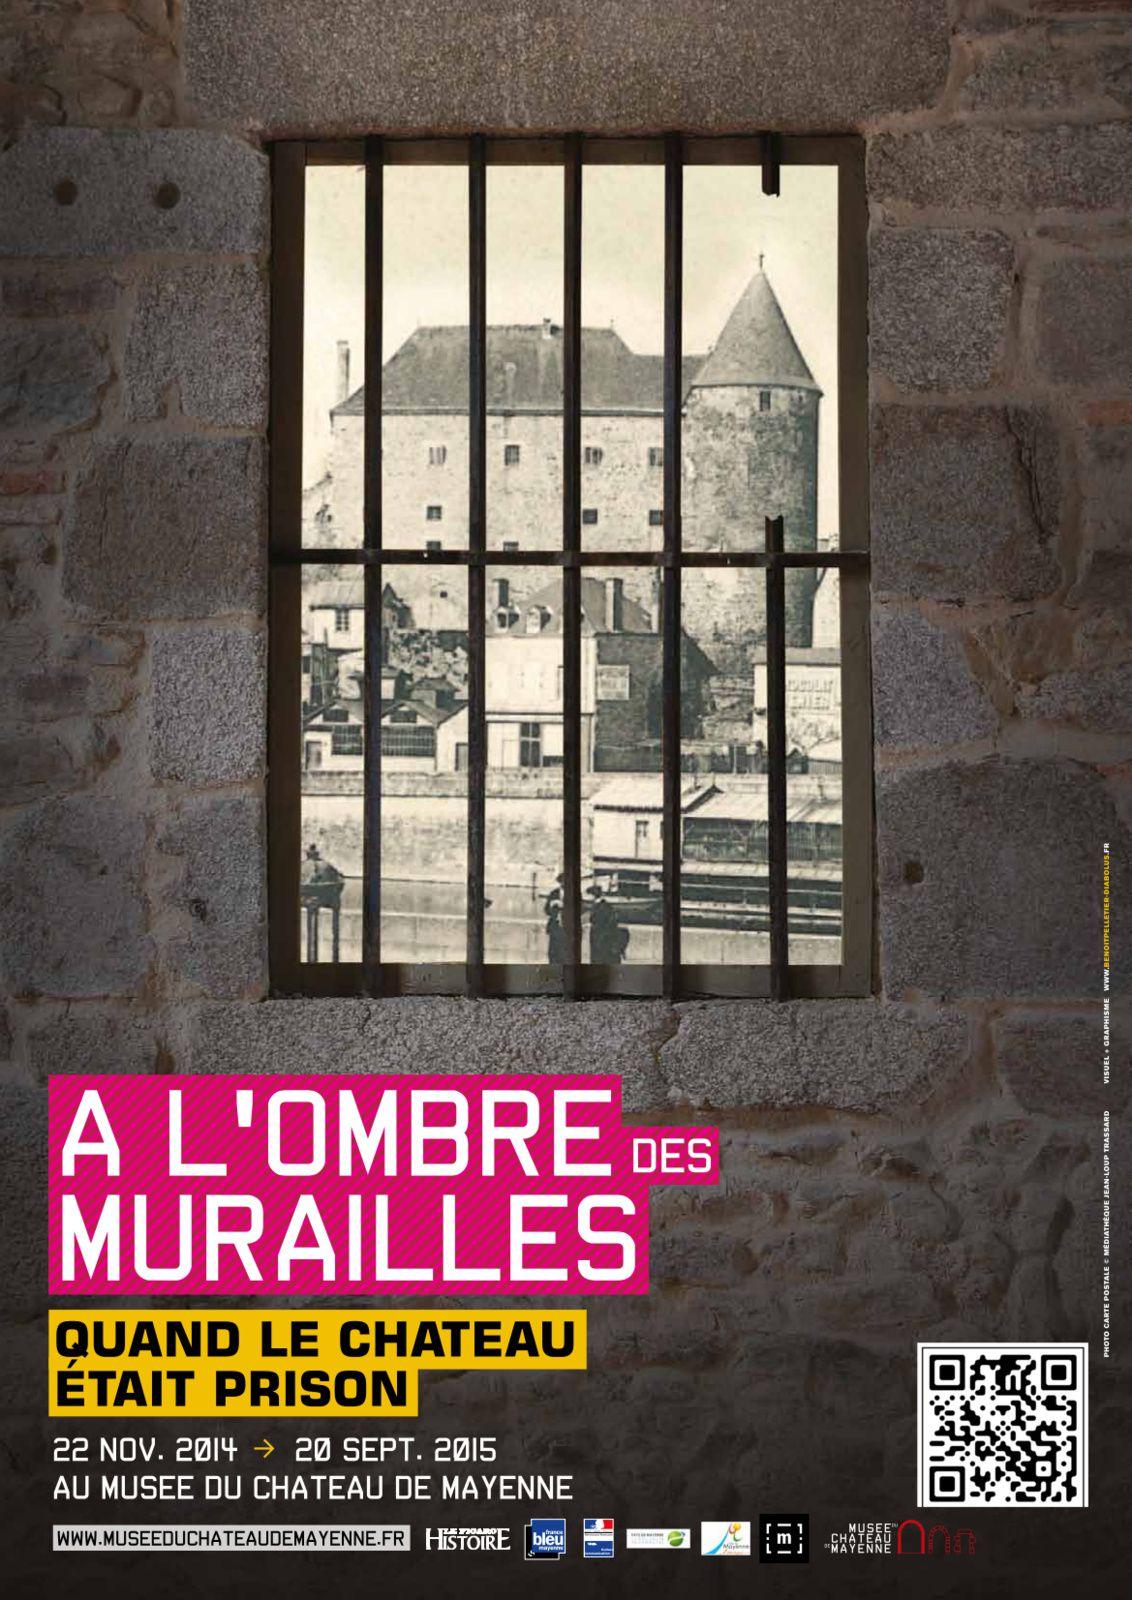 A l'ombre des murailles : Le château de Mayenne ...